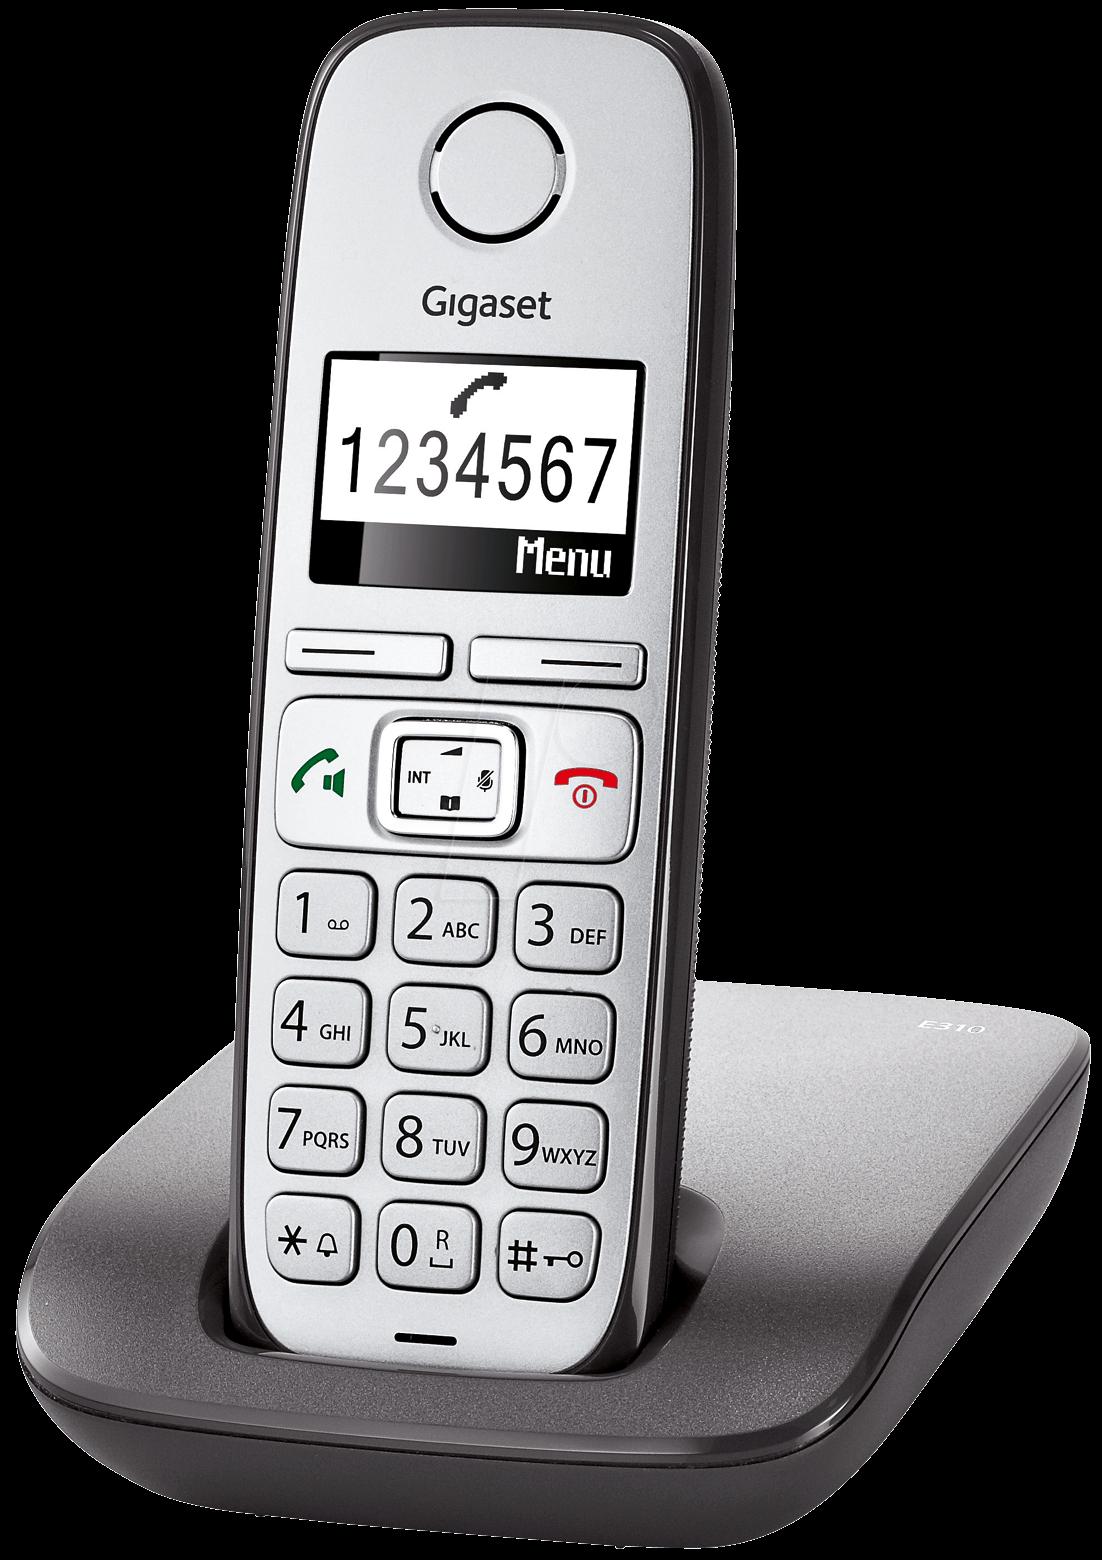 gigaset e310 an dect telephone 1 handset anthracite at. Black Bedroom Furniture Sets. Home Design Ideas